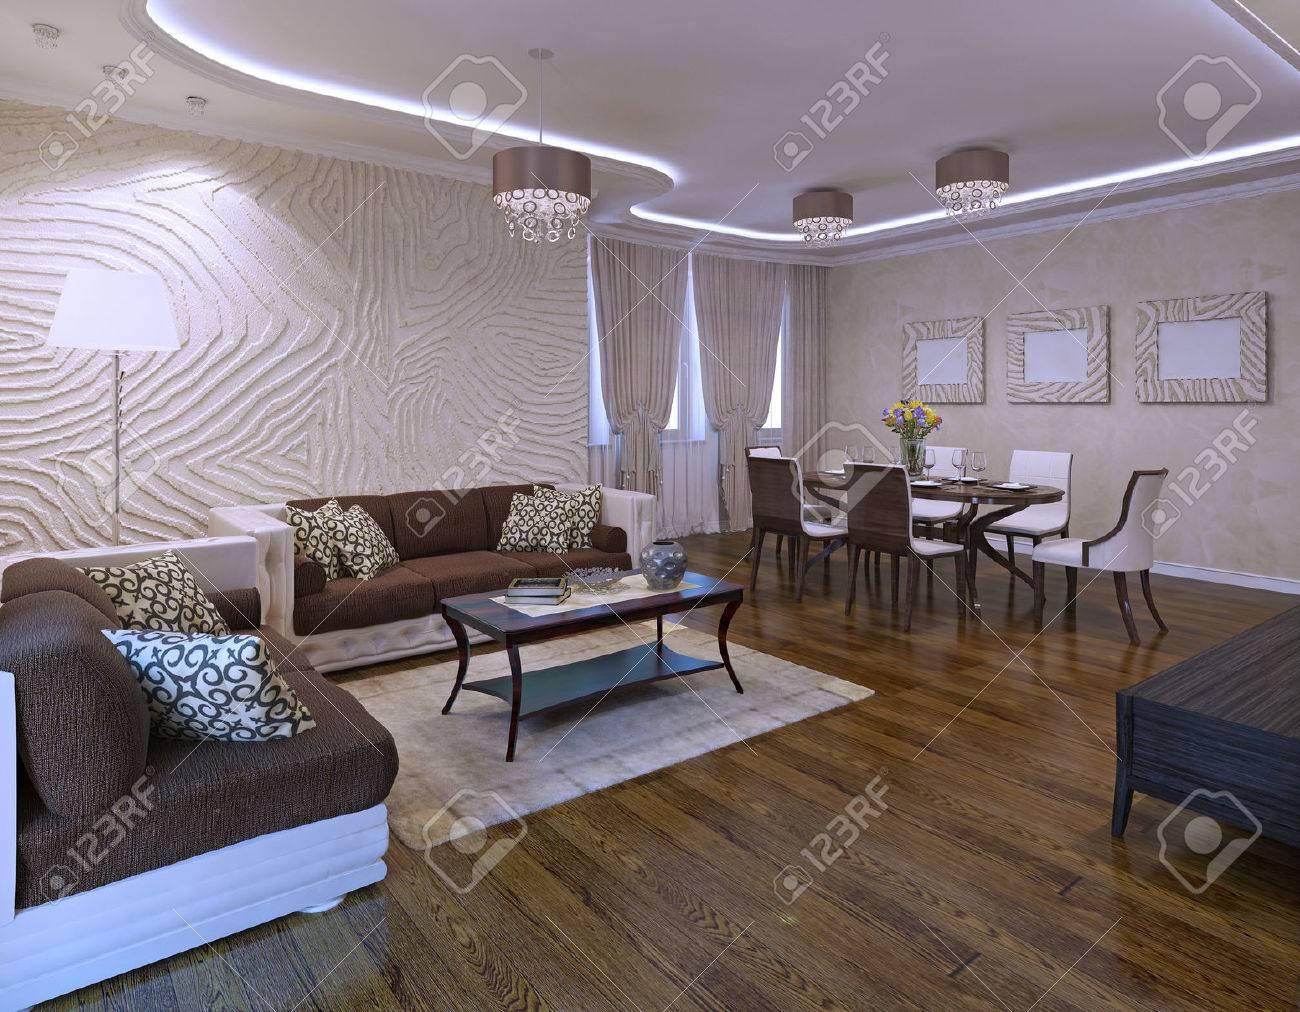 Idee Der Avantgarde Wohnzimmer Mit Ikea Möbel Set. 3D übertragen  Standard Bild